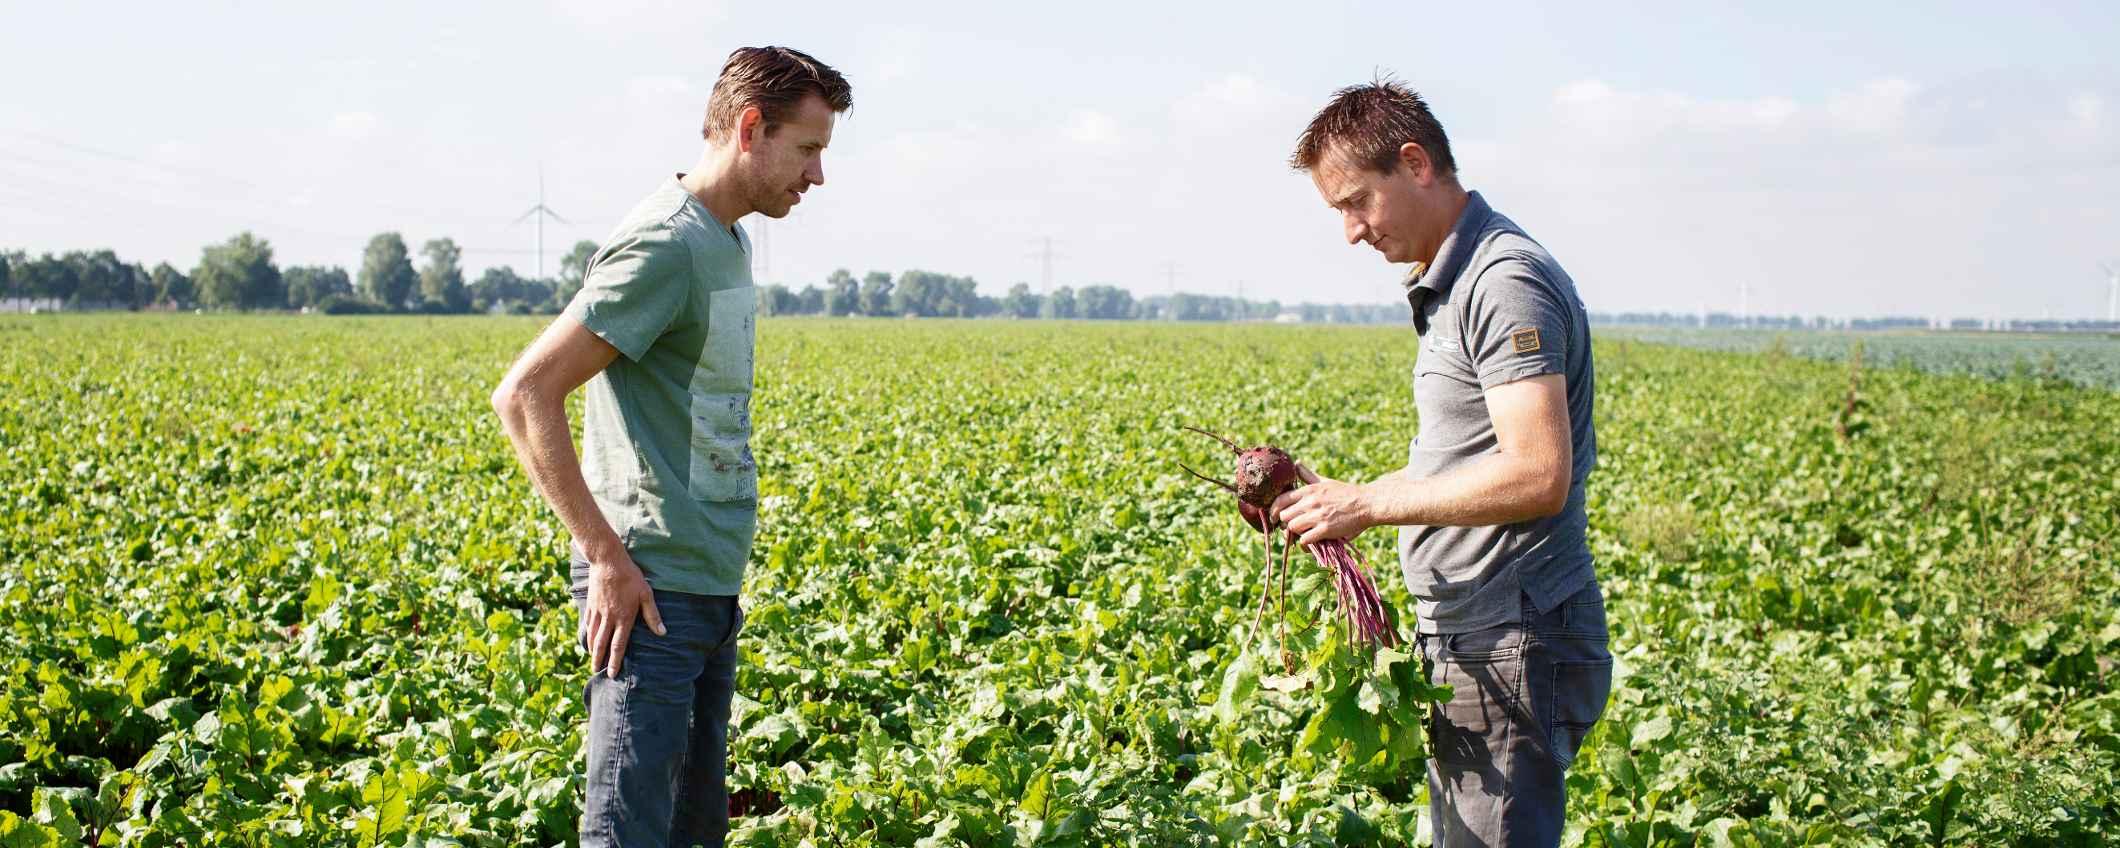 Johan en Wouter Snippe aan het werk in het weiland - Triodos Bank